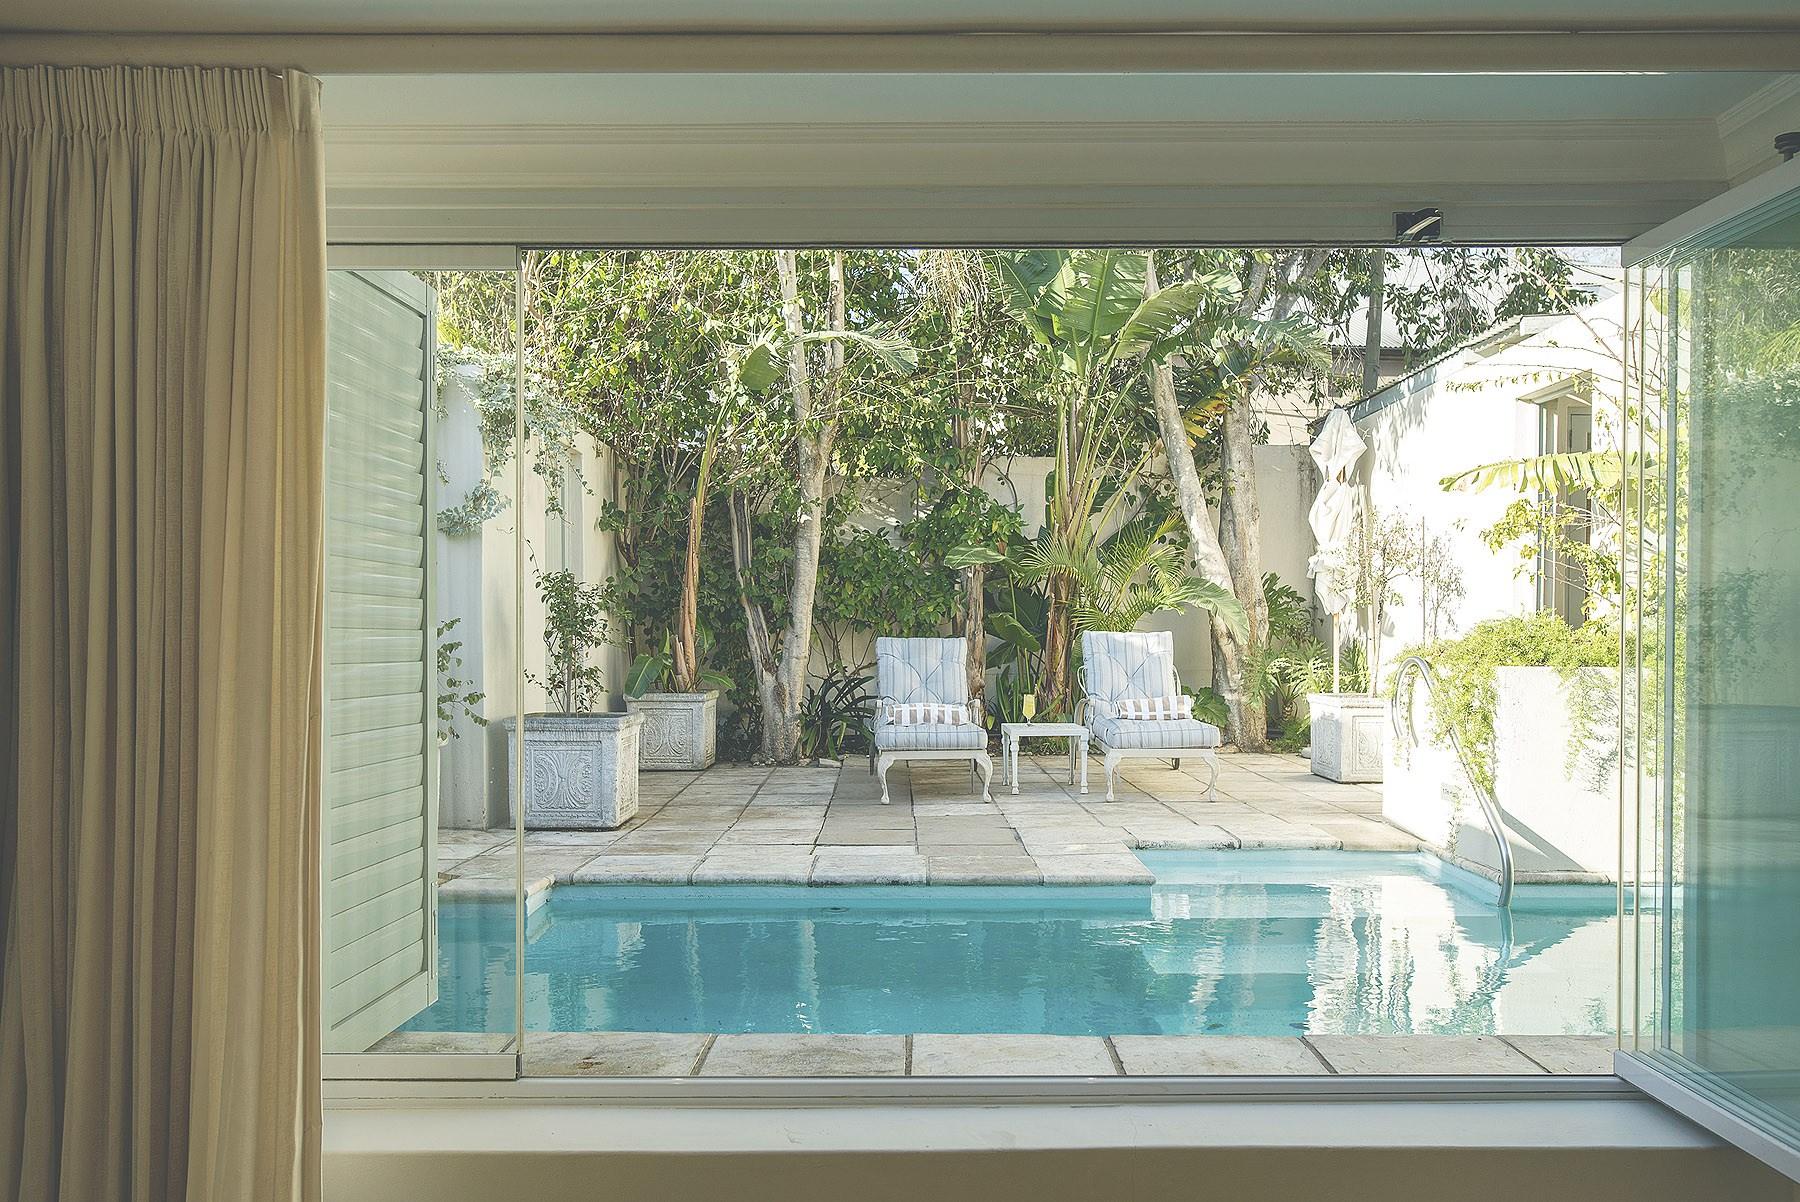 TLW-franschhoek-pool-suite9.jpg